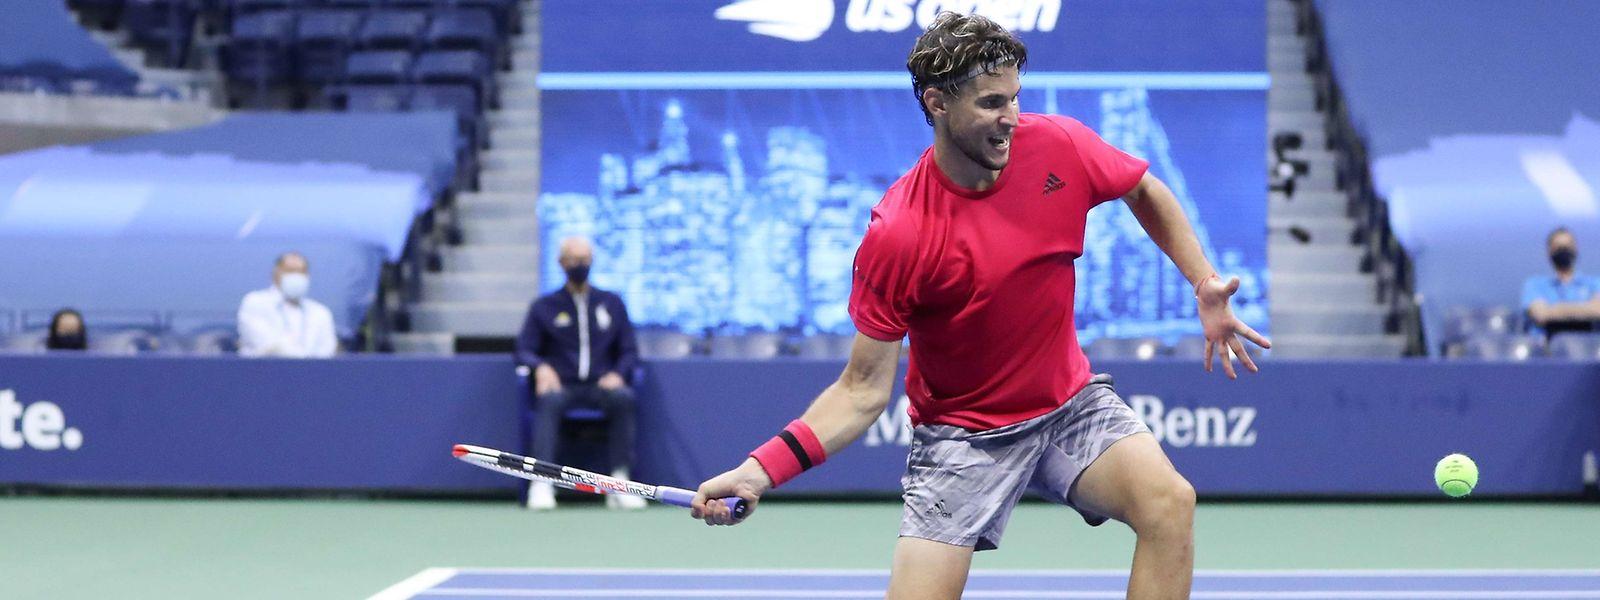 Die Spielergeneration um den Österreicher Dominic Thiem sorgt für neue Spannung im Tennis.